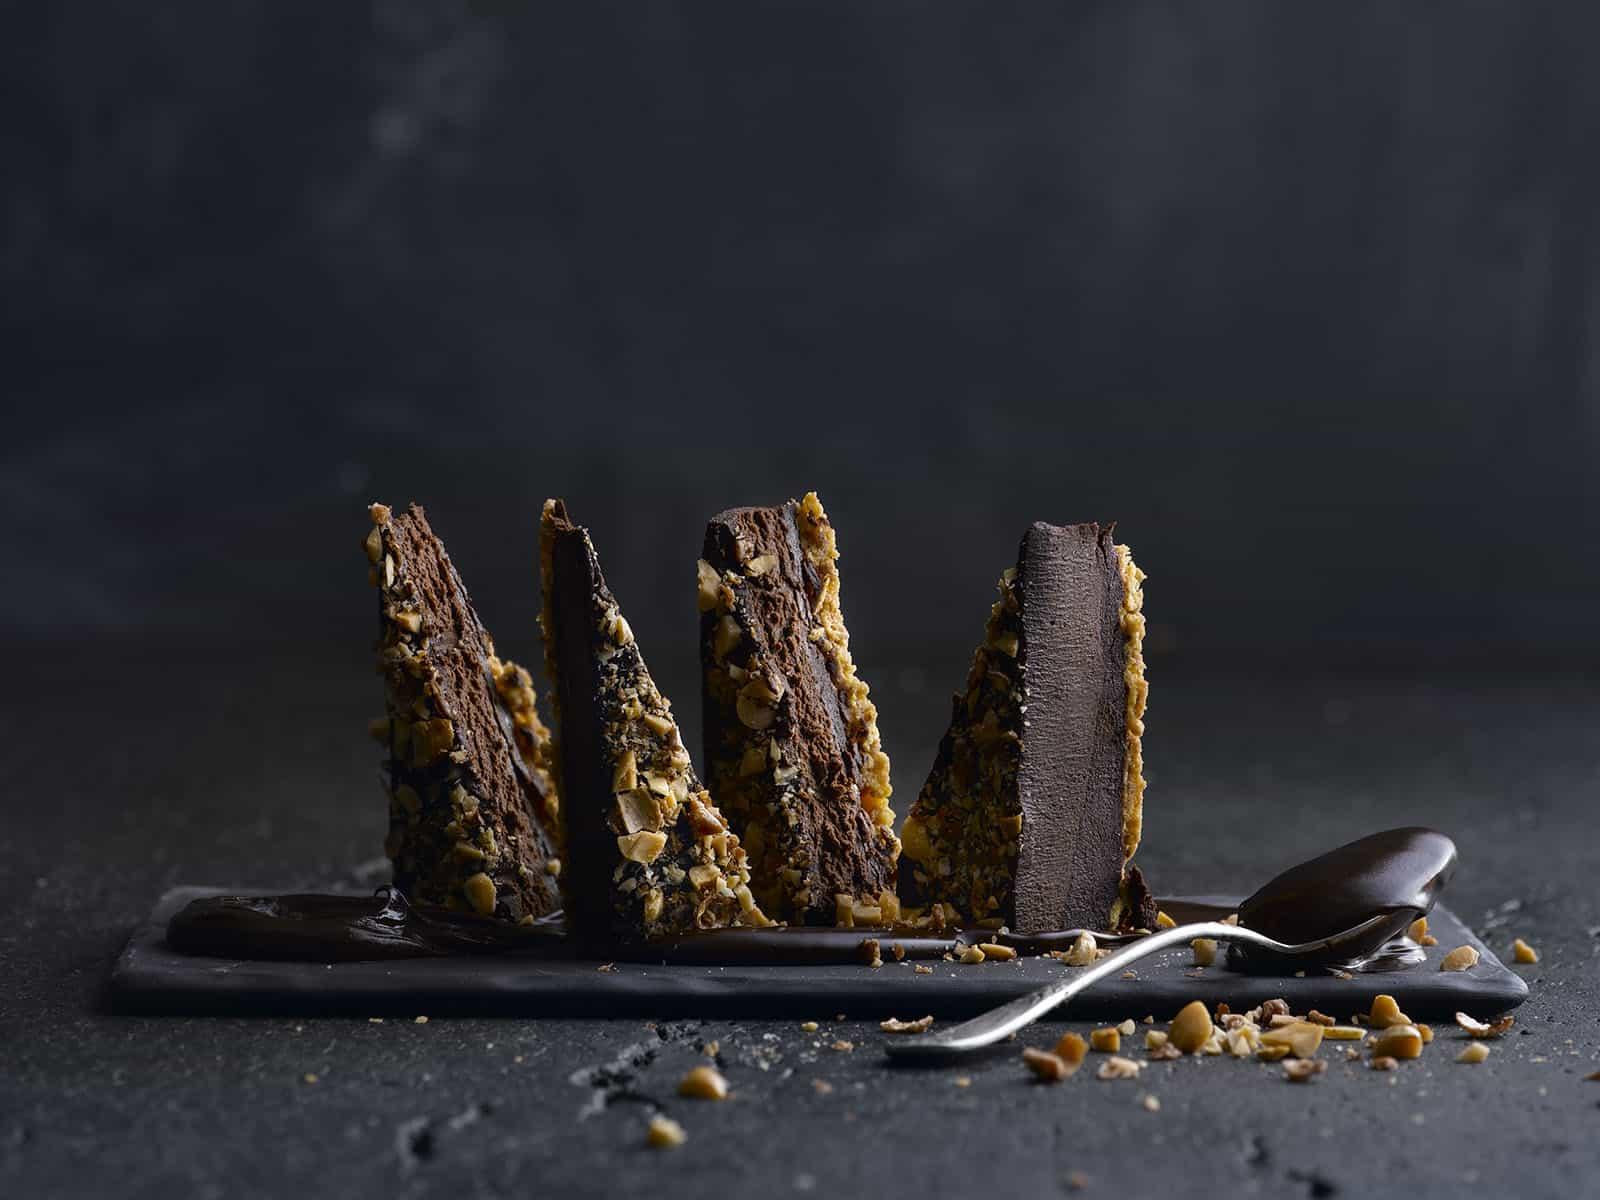 קפה גו פירמידת שוקולד טבעוני - 39 שח - קרדיט צילום רונן מנגן